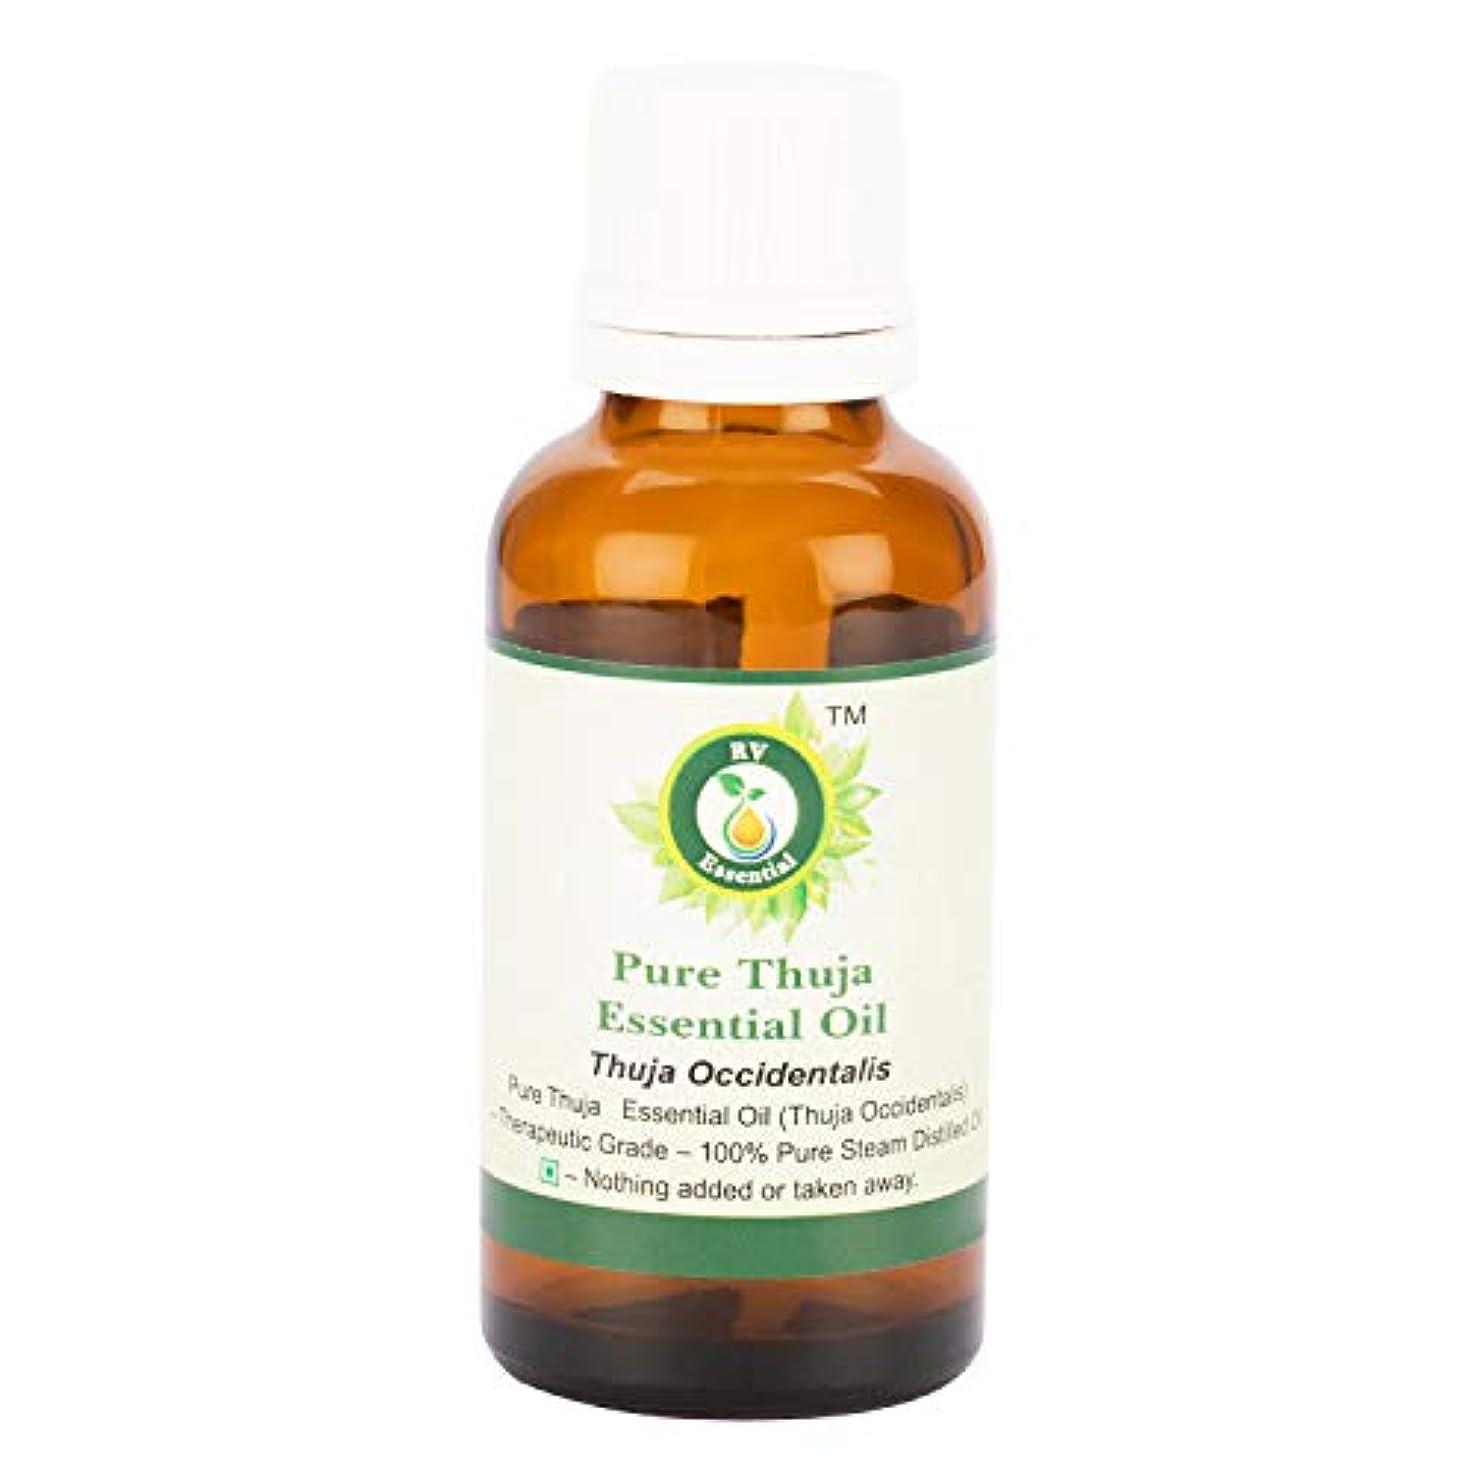 折秘密の底ピュアThujaエッセンシャルオイル300ml (10oz)- Thuja Occidentalis (100%純粋&天然スチームDistilled) Pure Thuja Essential Oil